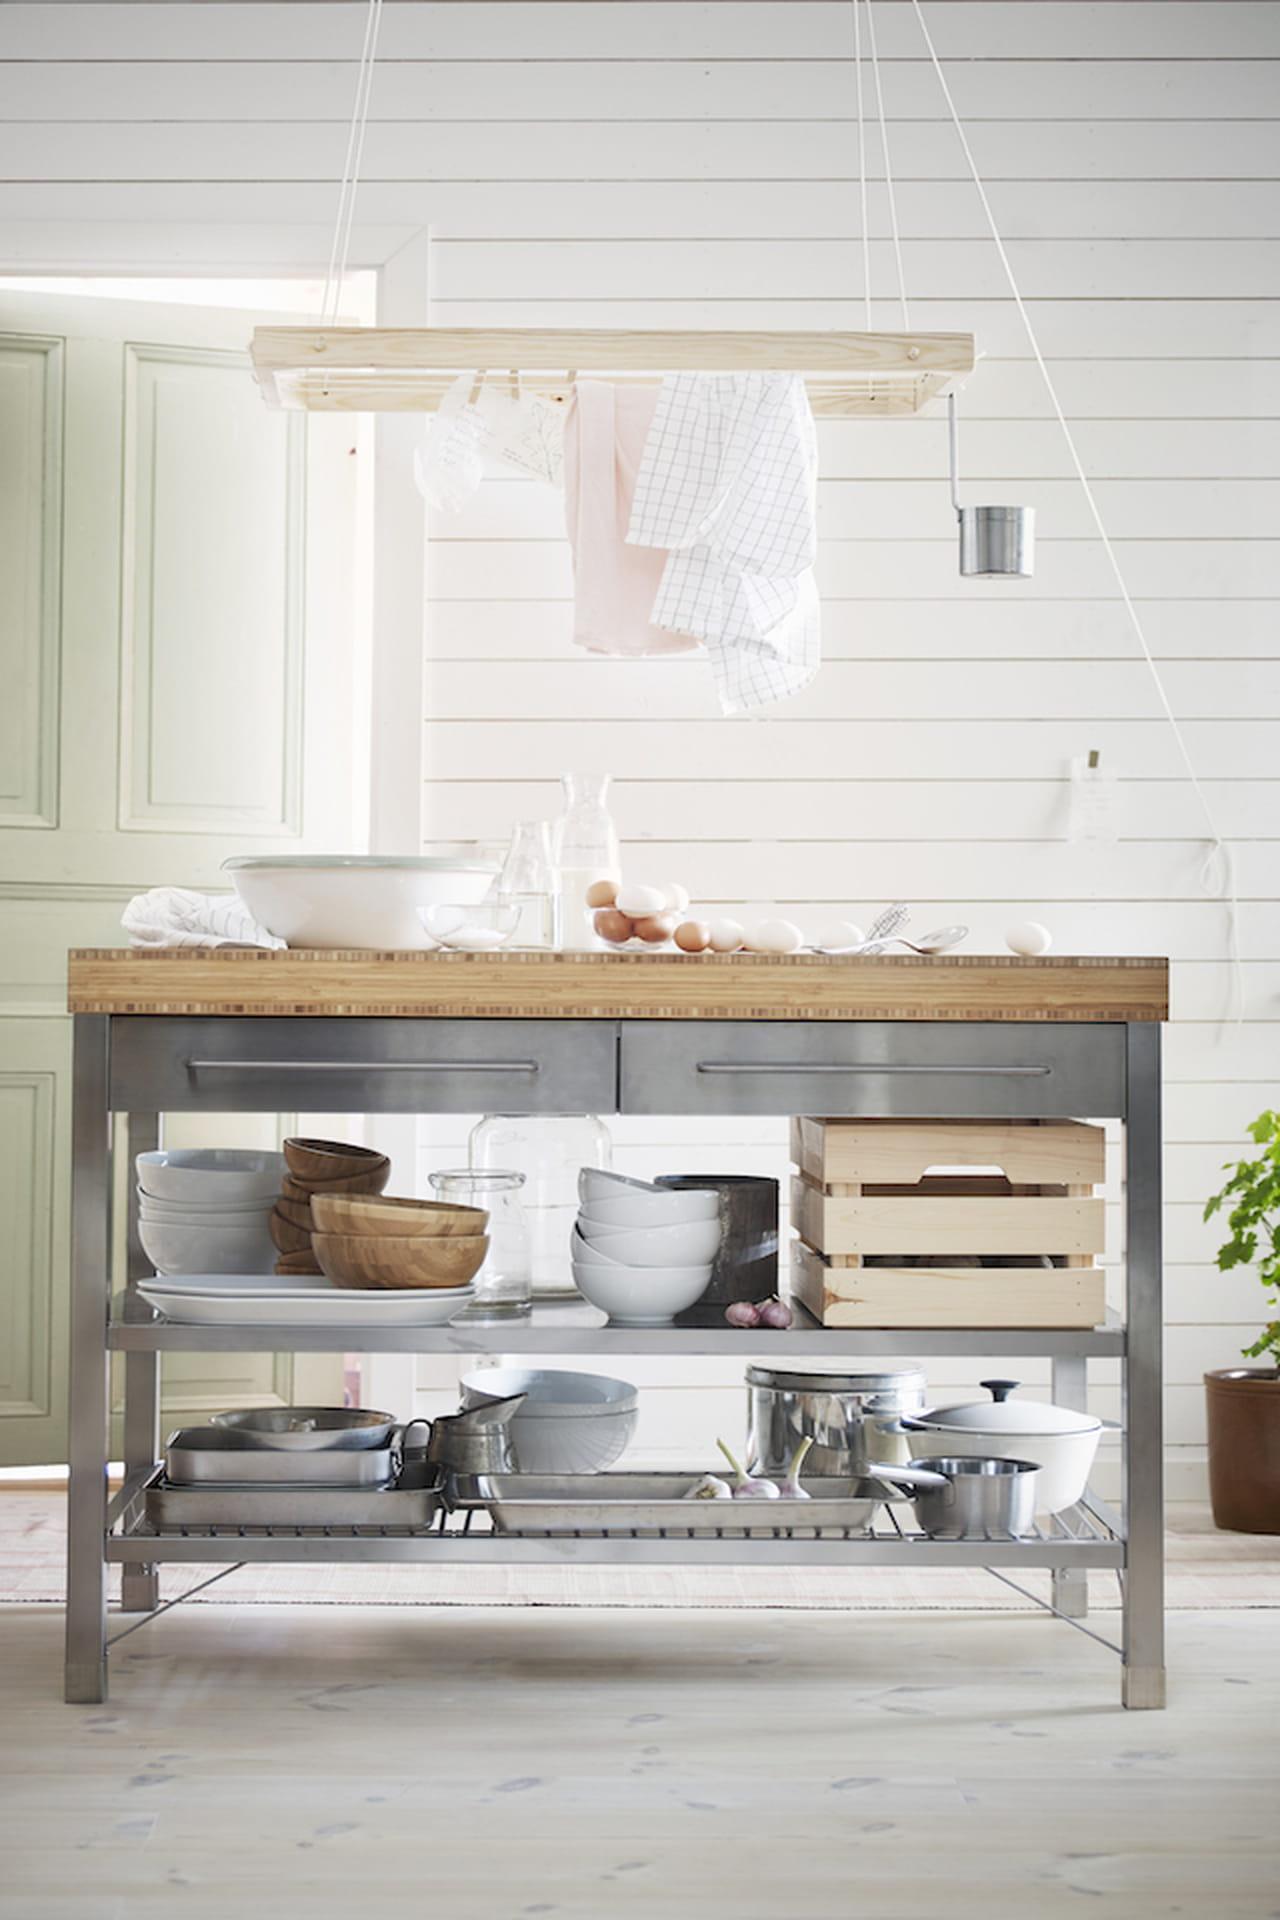 Best banco da lavoro per cucina gallery home interior - Banco da lavoro ikea ...